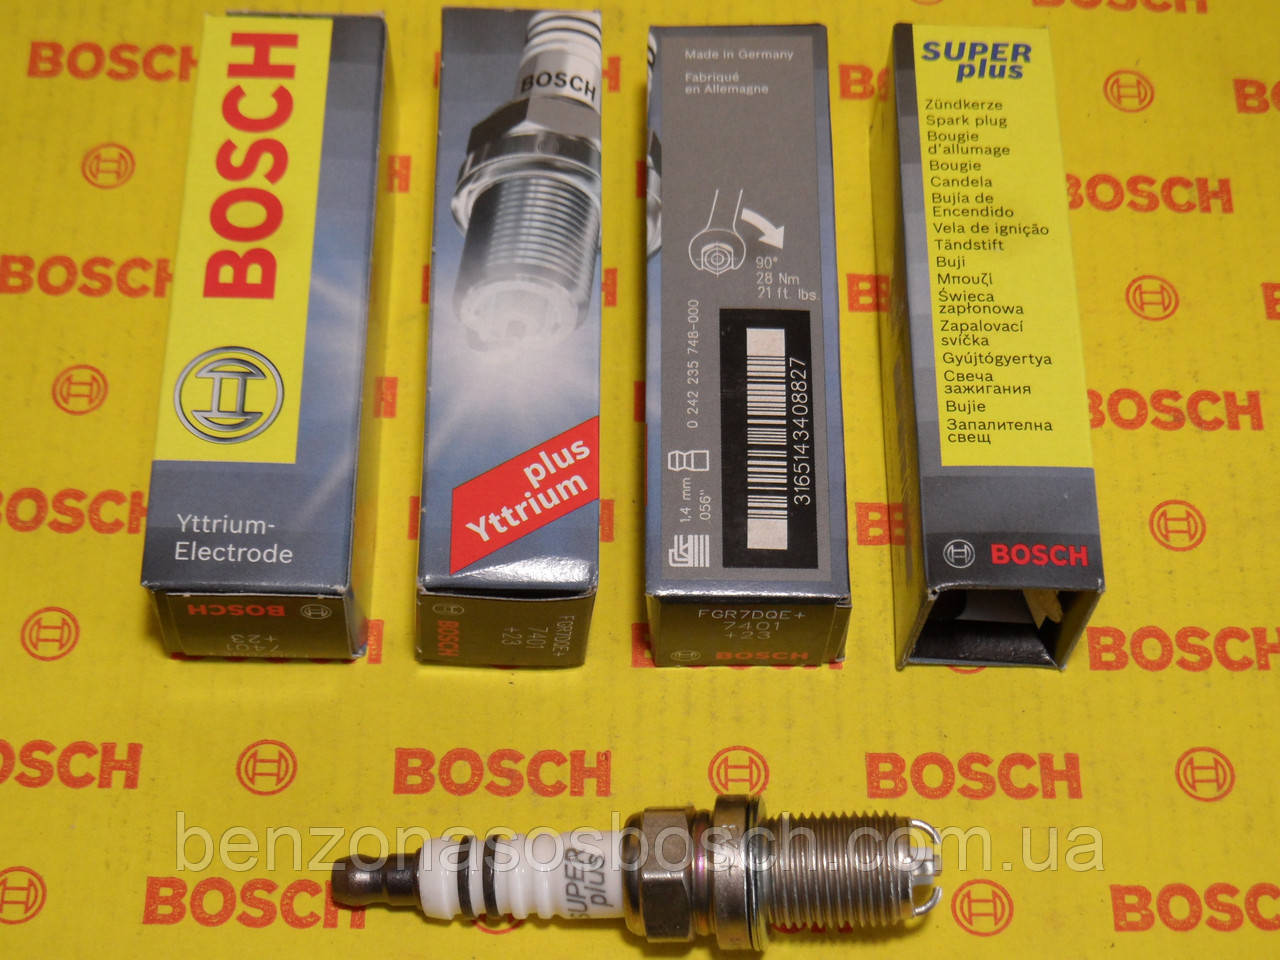 Свечи зажигания BOSCH, FGR7DQE+, +23, 1.6, Super +, 0242235748, 0242235748,